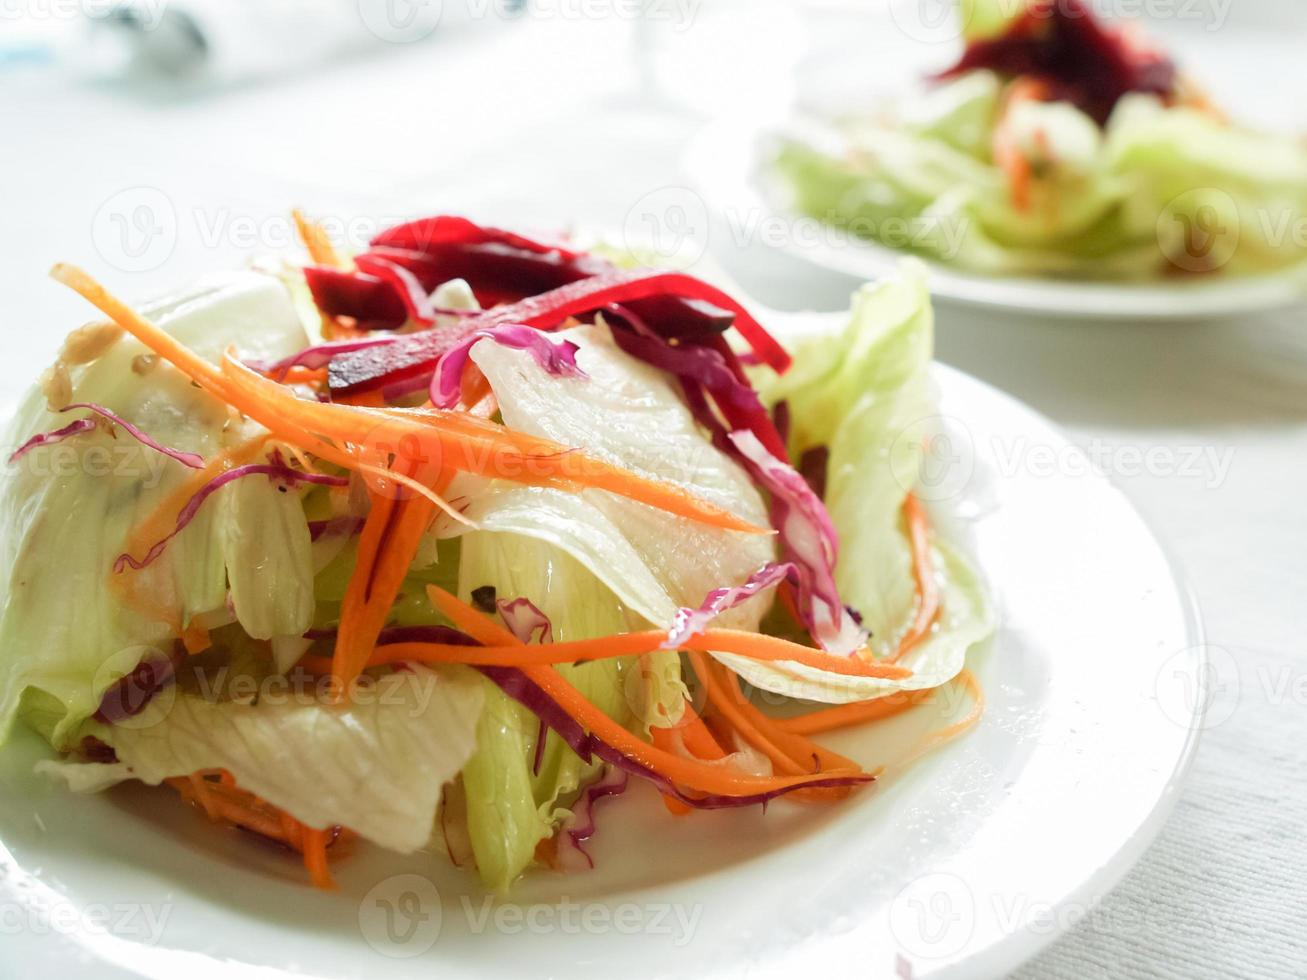 Gegrilltes Fleischsteak und Beilagensalat, Reis, Mais foto